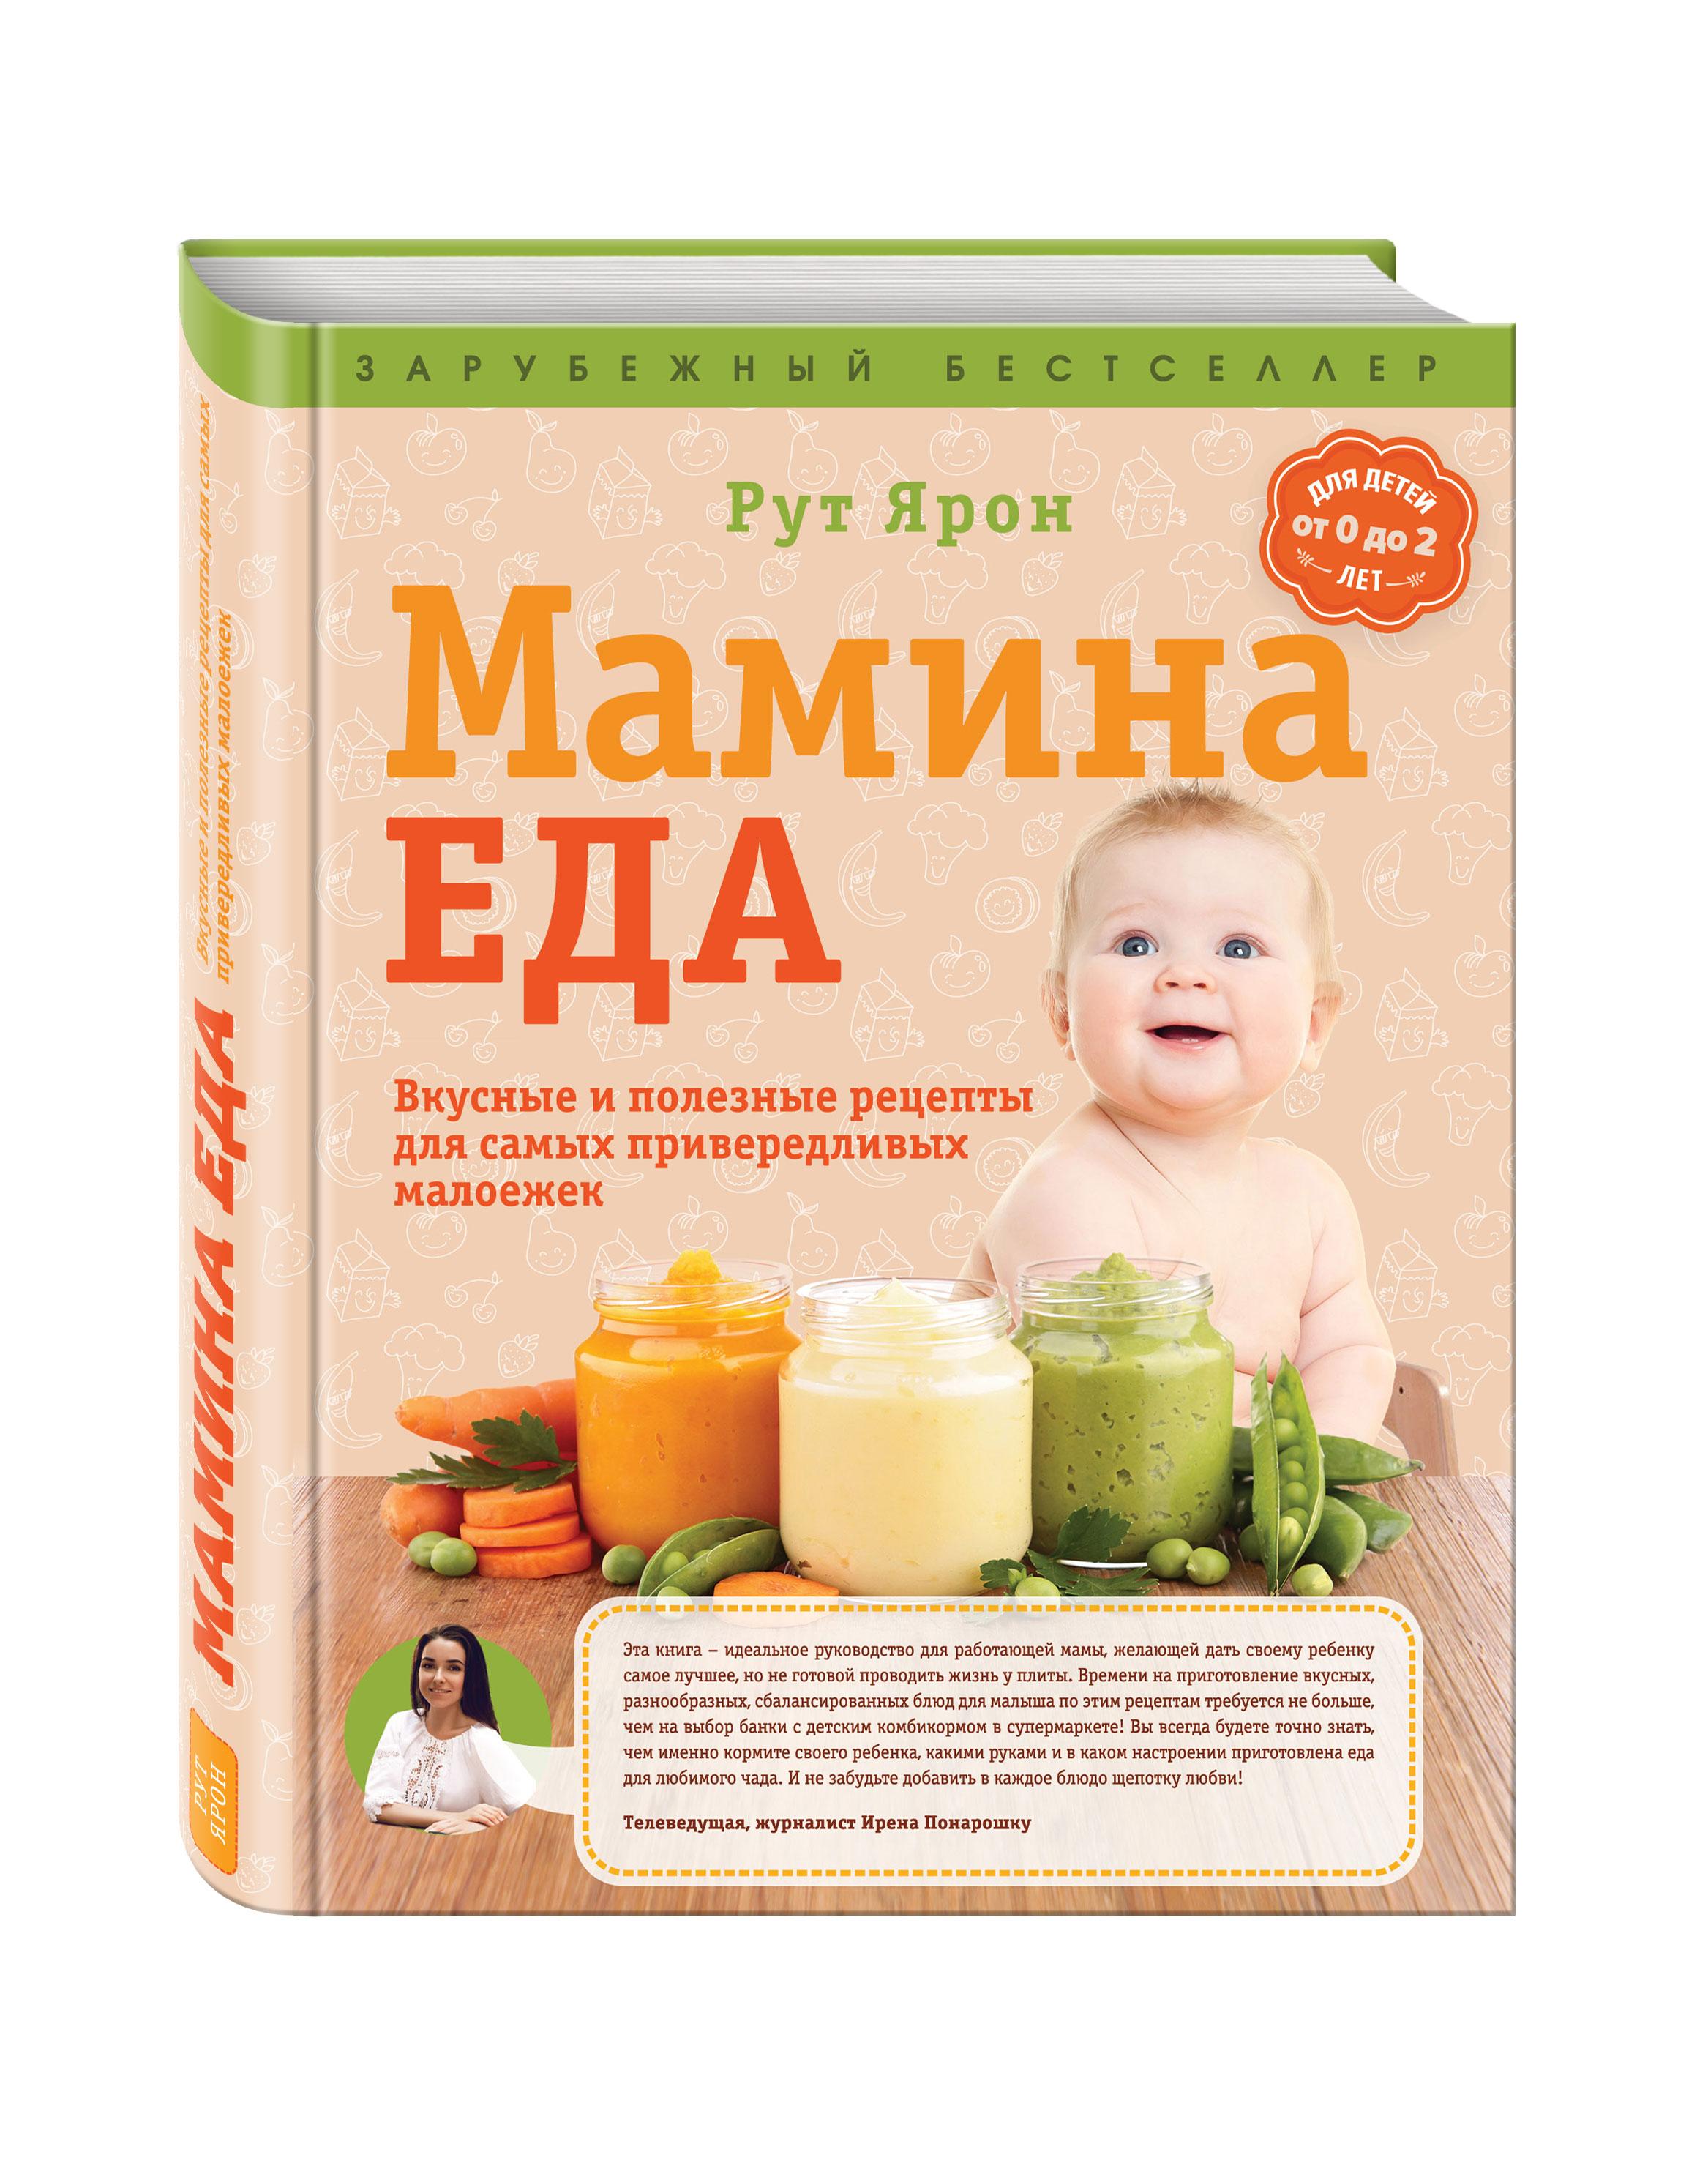 Ярон Рут Мамина еда. Вкусные и полезные рецепты для самых привередливых малоежек еда быстрого приготовления